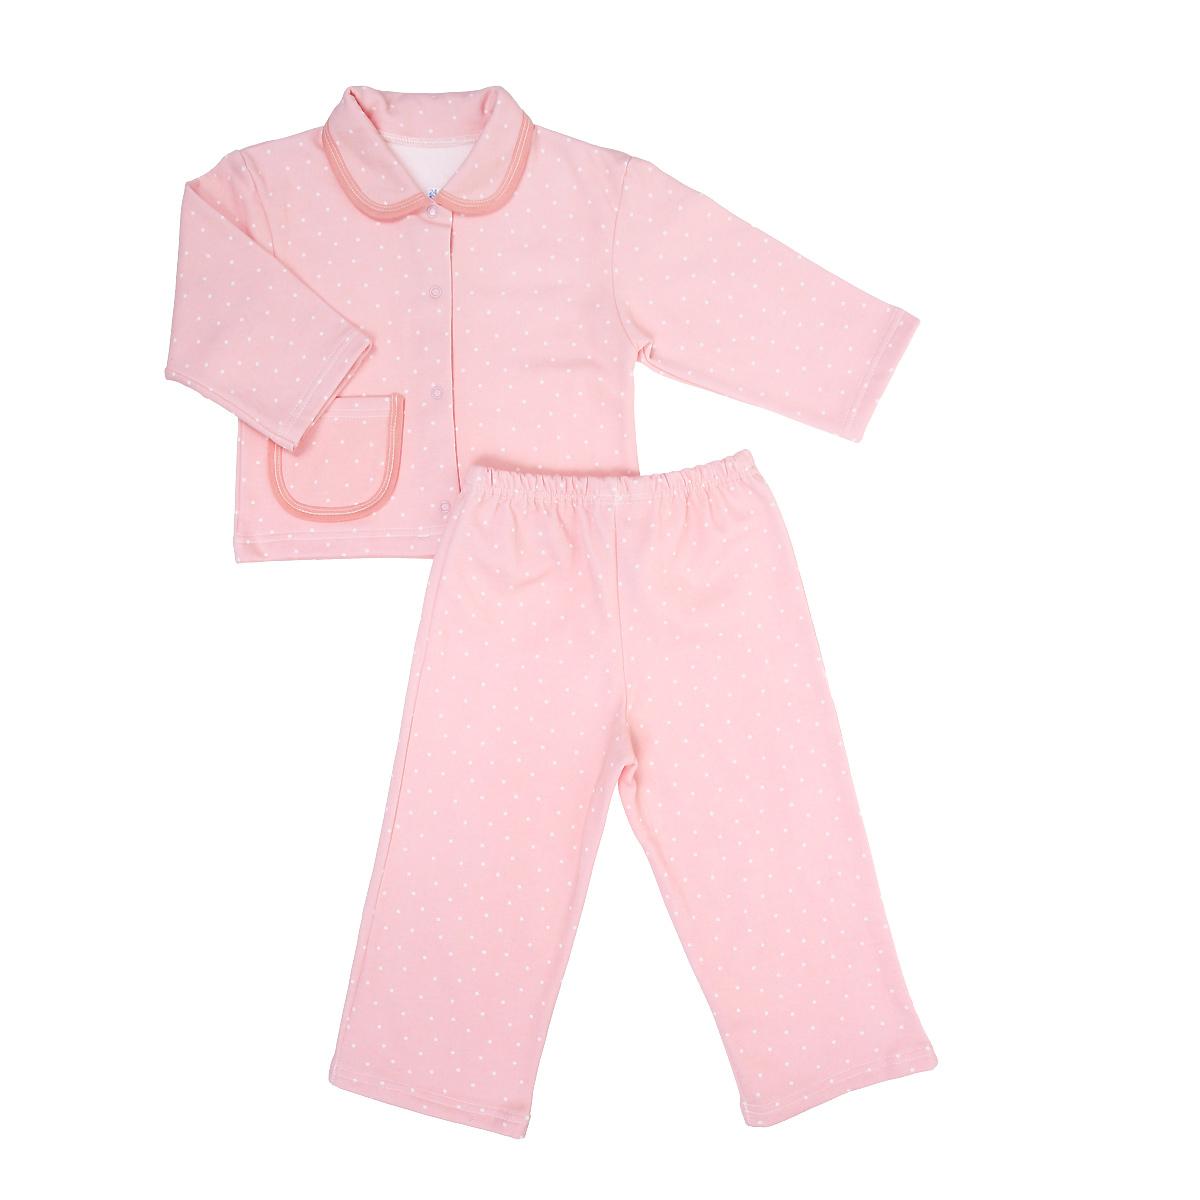 Пижама детская Трон-плюс, цвет: розовый, белый, рисунок горох. 5552. Размер 98/104, 3-5 лет5552Яркая детская пижама Трон-плюс, состоящая из кофточки и штанишек, идеально подойдет вашему малышу и станет отличным дополнением к детскому гардеробу. Теплая пижама, изготовленная из набивного футера - натурального хлопка, необычайно мягкая и легкая, не сковывает движения ребенка, позволяет коже дышать и не раздражает даже самую нежную и чувствительную кожу малыша. Кофта с длинными рукавами имеет отложной воротничок и застегивается на кнопки, также оформлена небольшим накладным карманчиком. Штанишки на удобной резинке не сдавливают животик ребенка и не сползают.В такой пижаме ваш ребенок будет чувствовать себя комфортно и уютно во время сна.